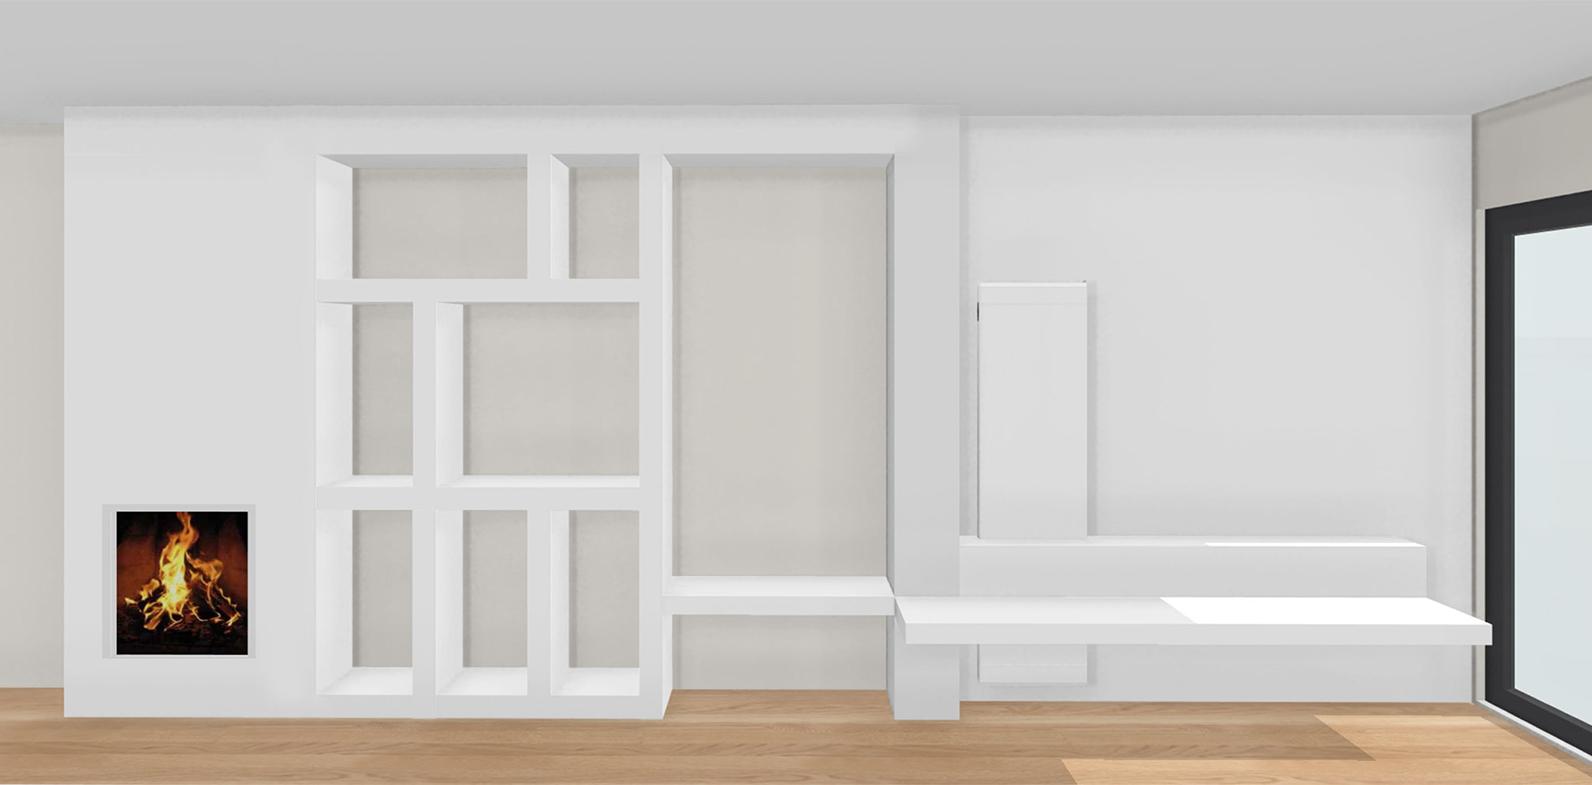 kast-op-maat maatwerk interieurontwerp 3D tekening